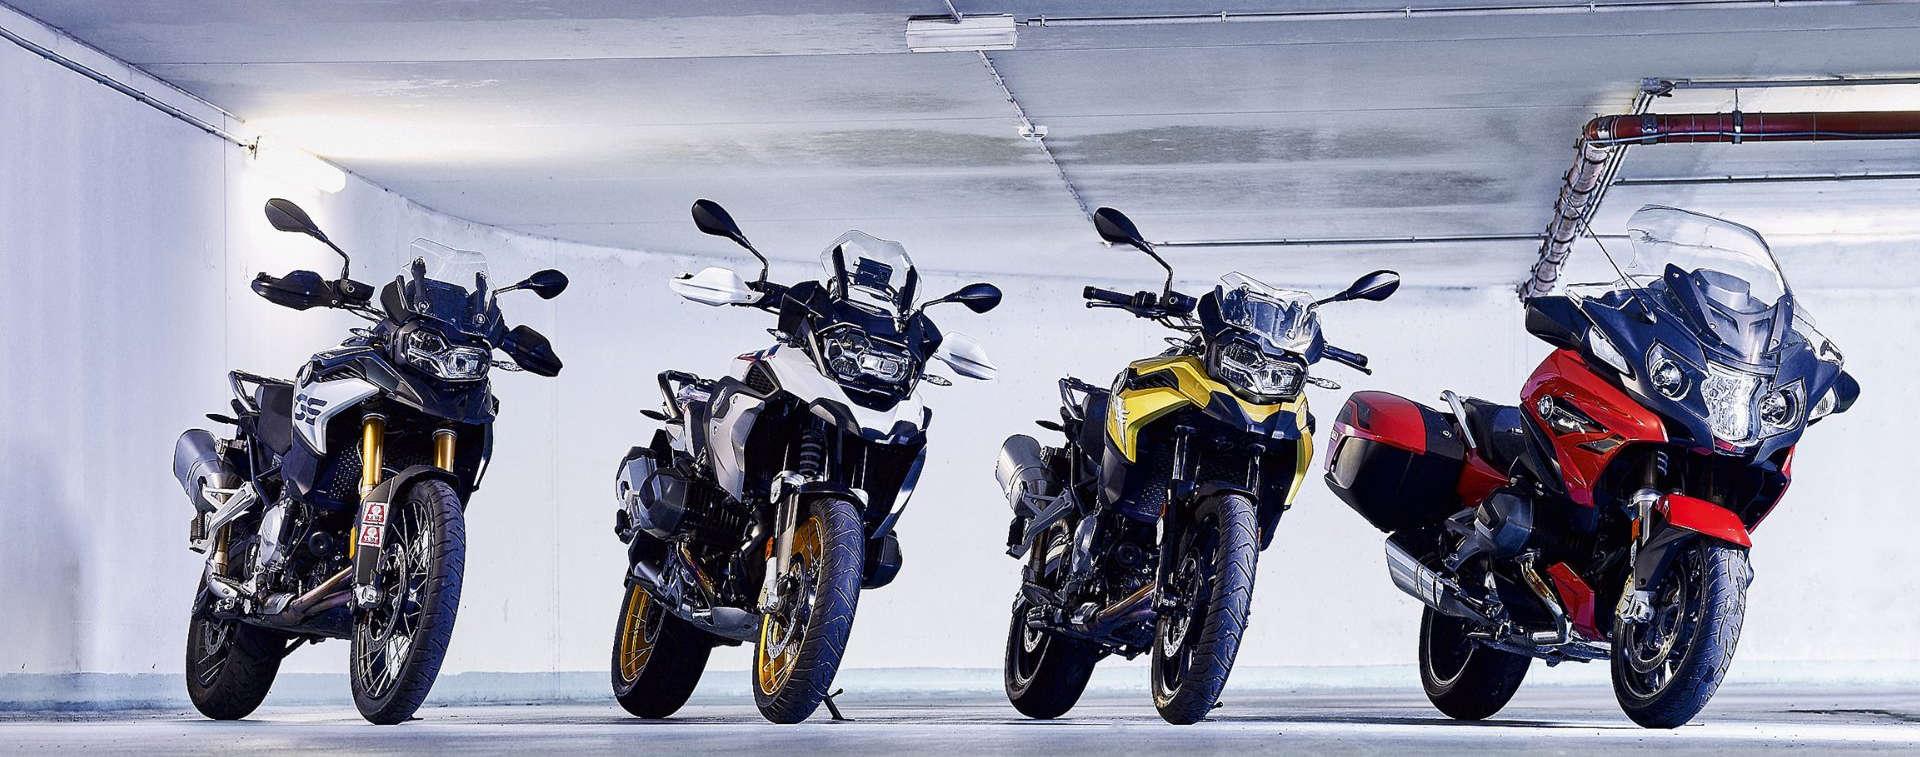 Einladung zum Saisonstart bei BMW Motorrad am 6. April 2019.